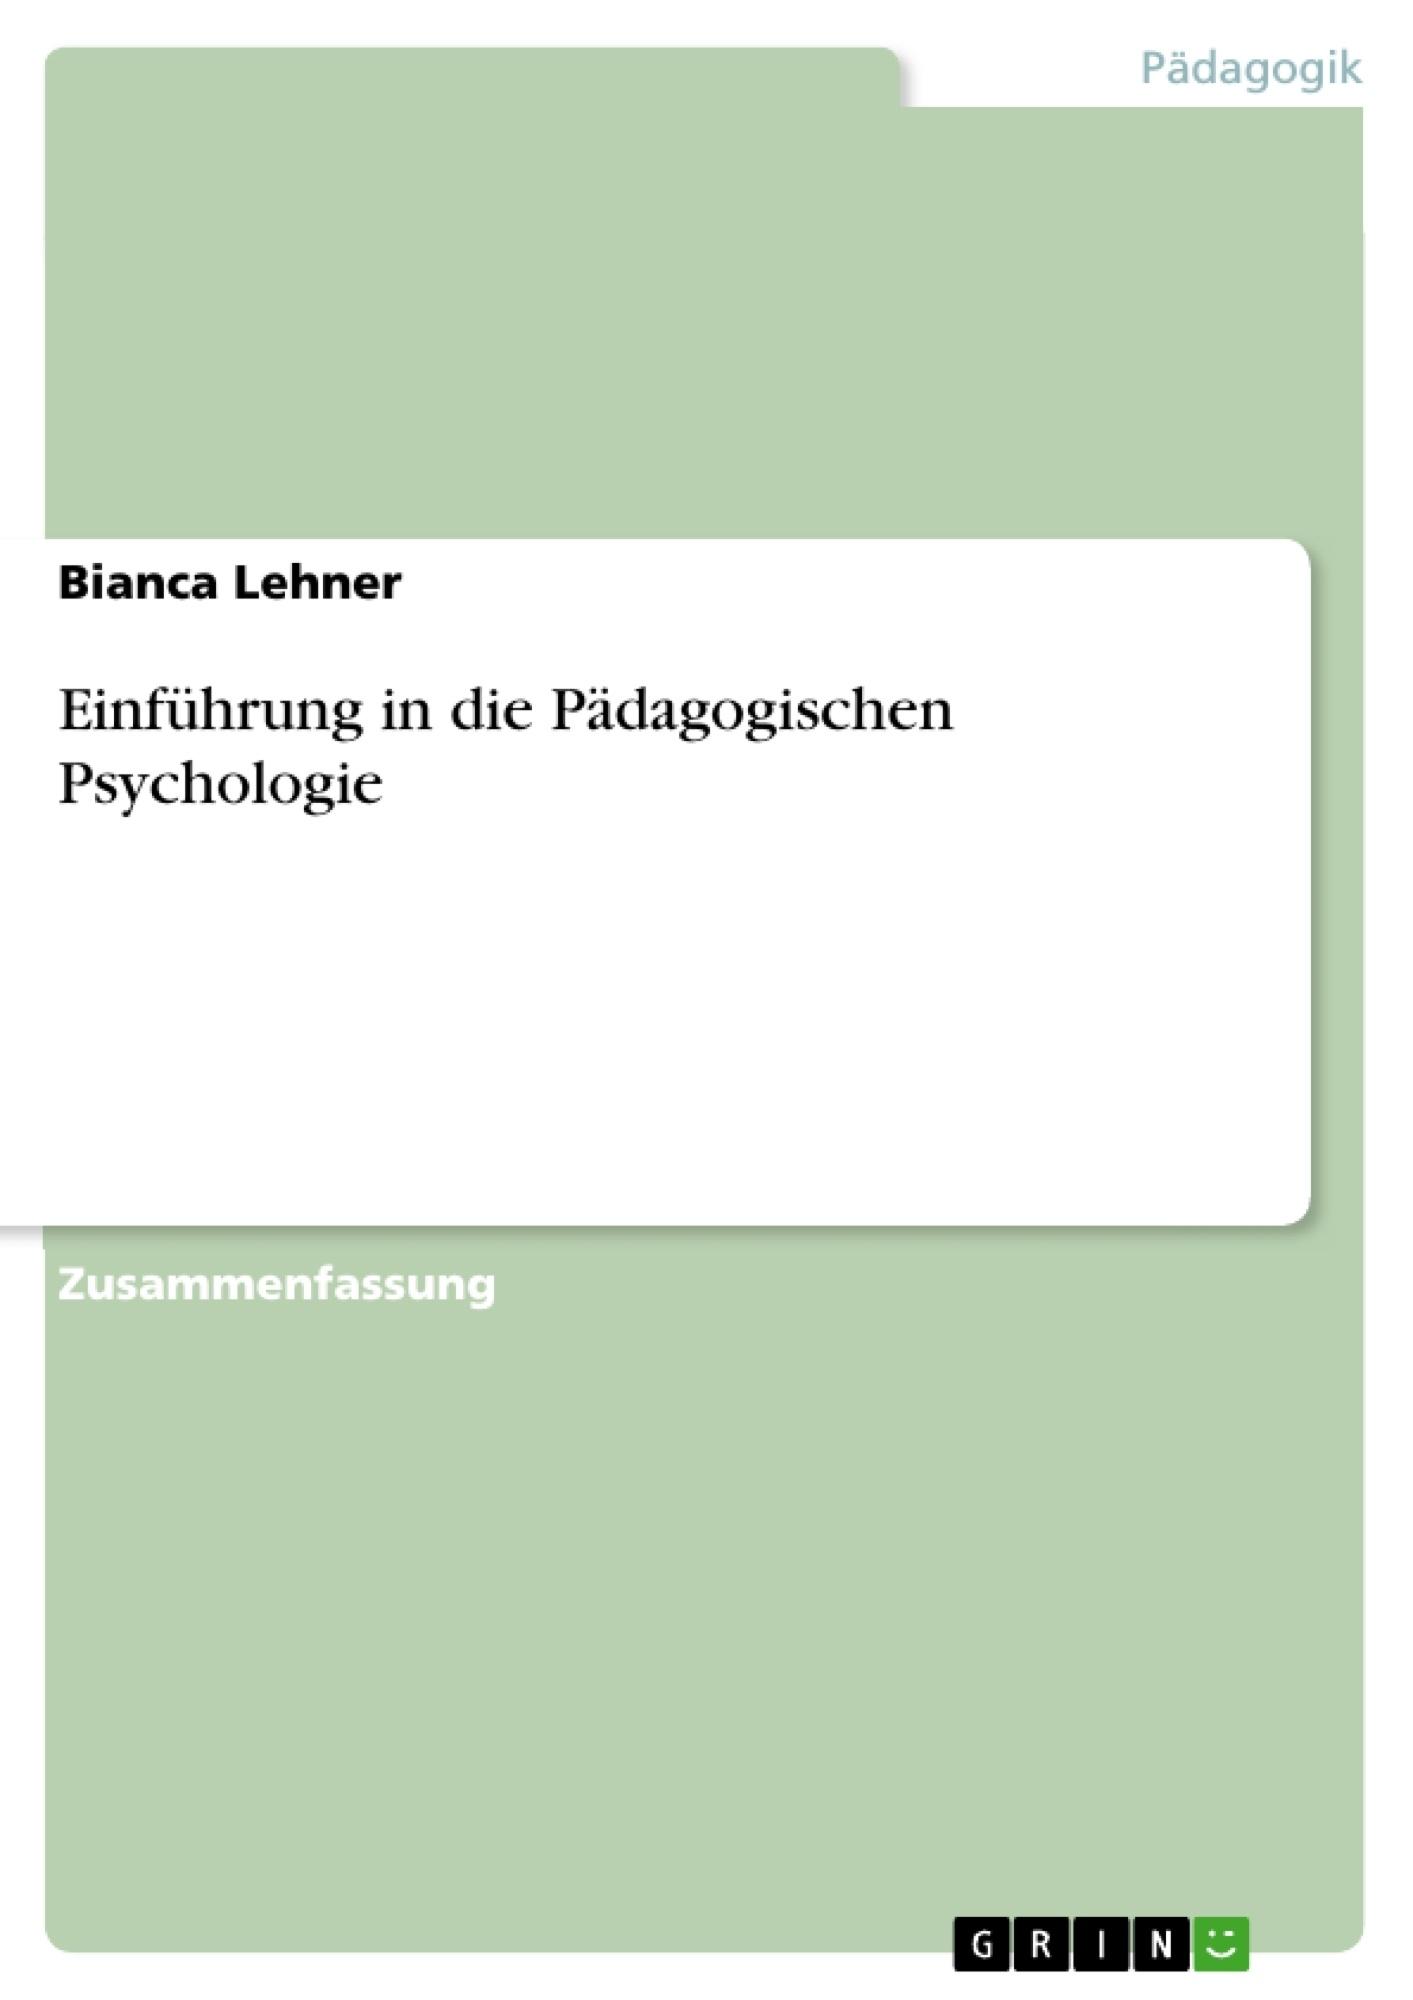 Titel: Einführung in die Pädagogischen Psychologie